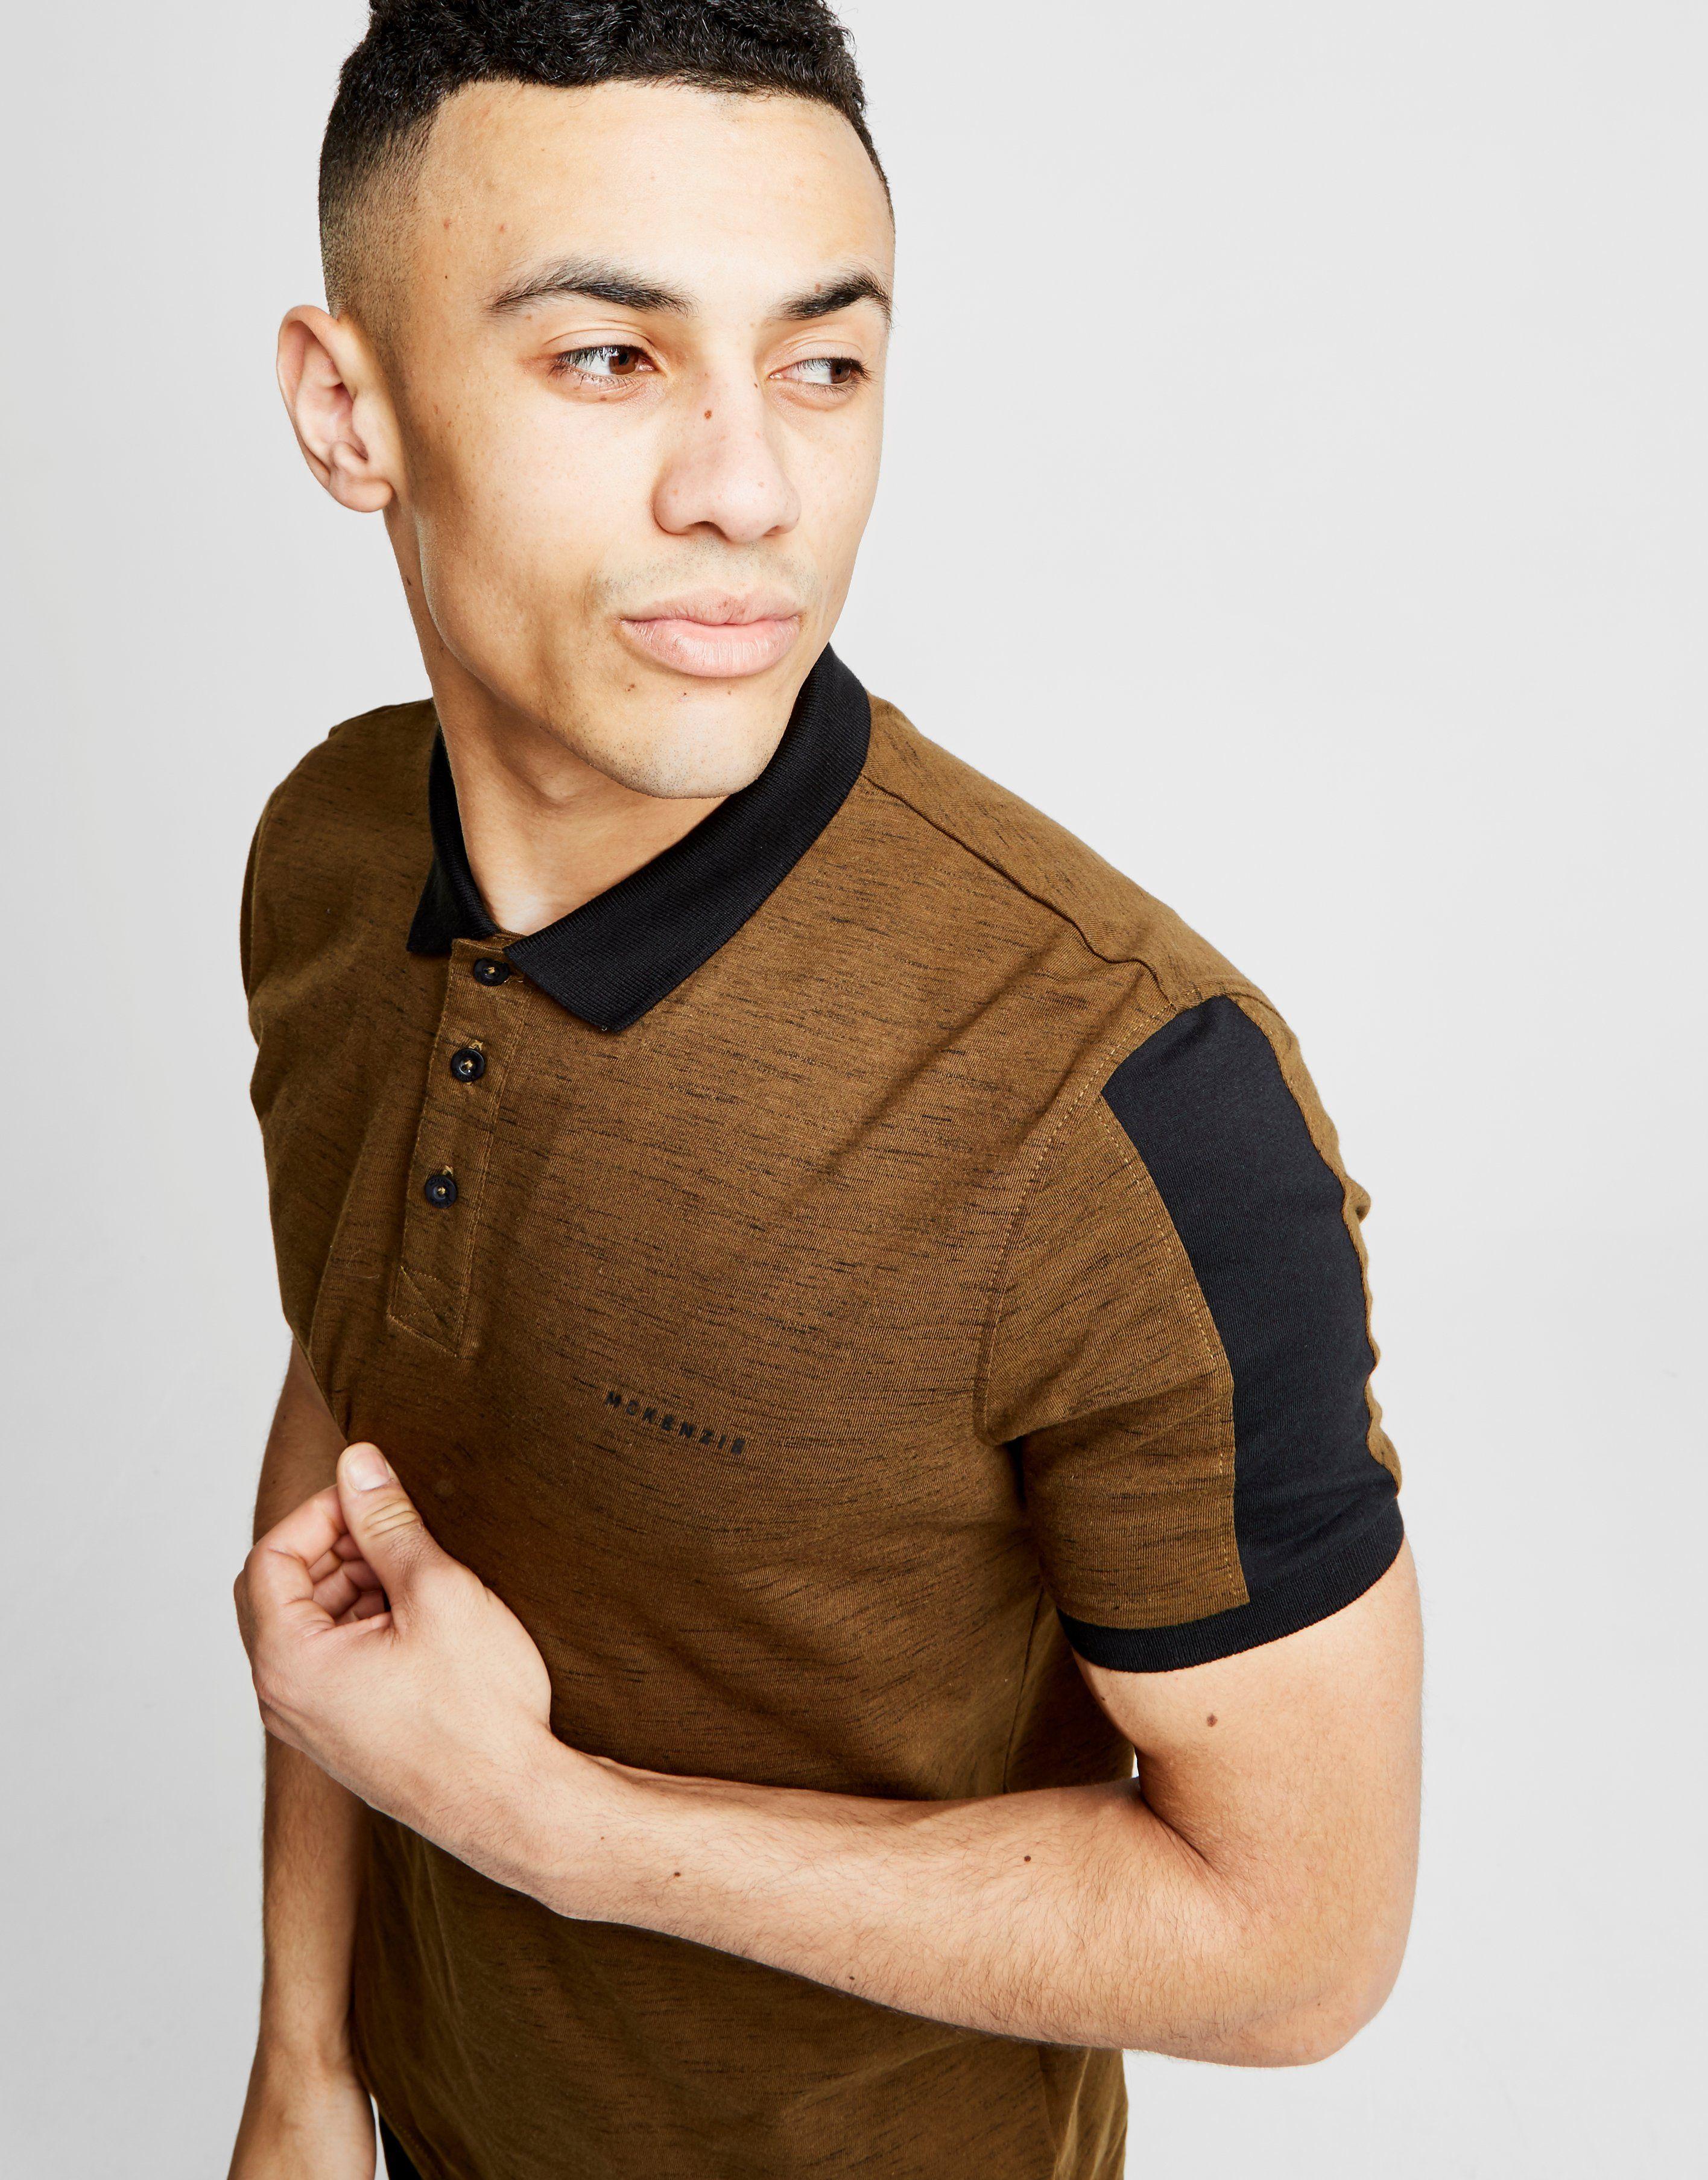 Shirt Polo Pathfinder Polo Pathfinder Braun McKenzie McKenzie Shirt zq5Hw7